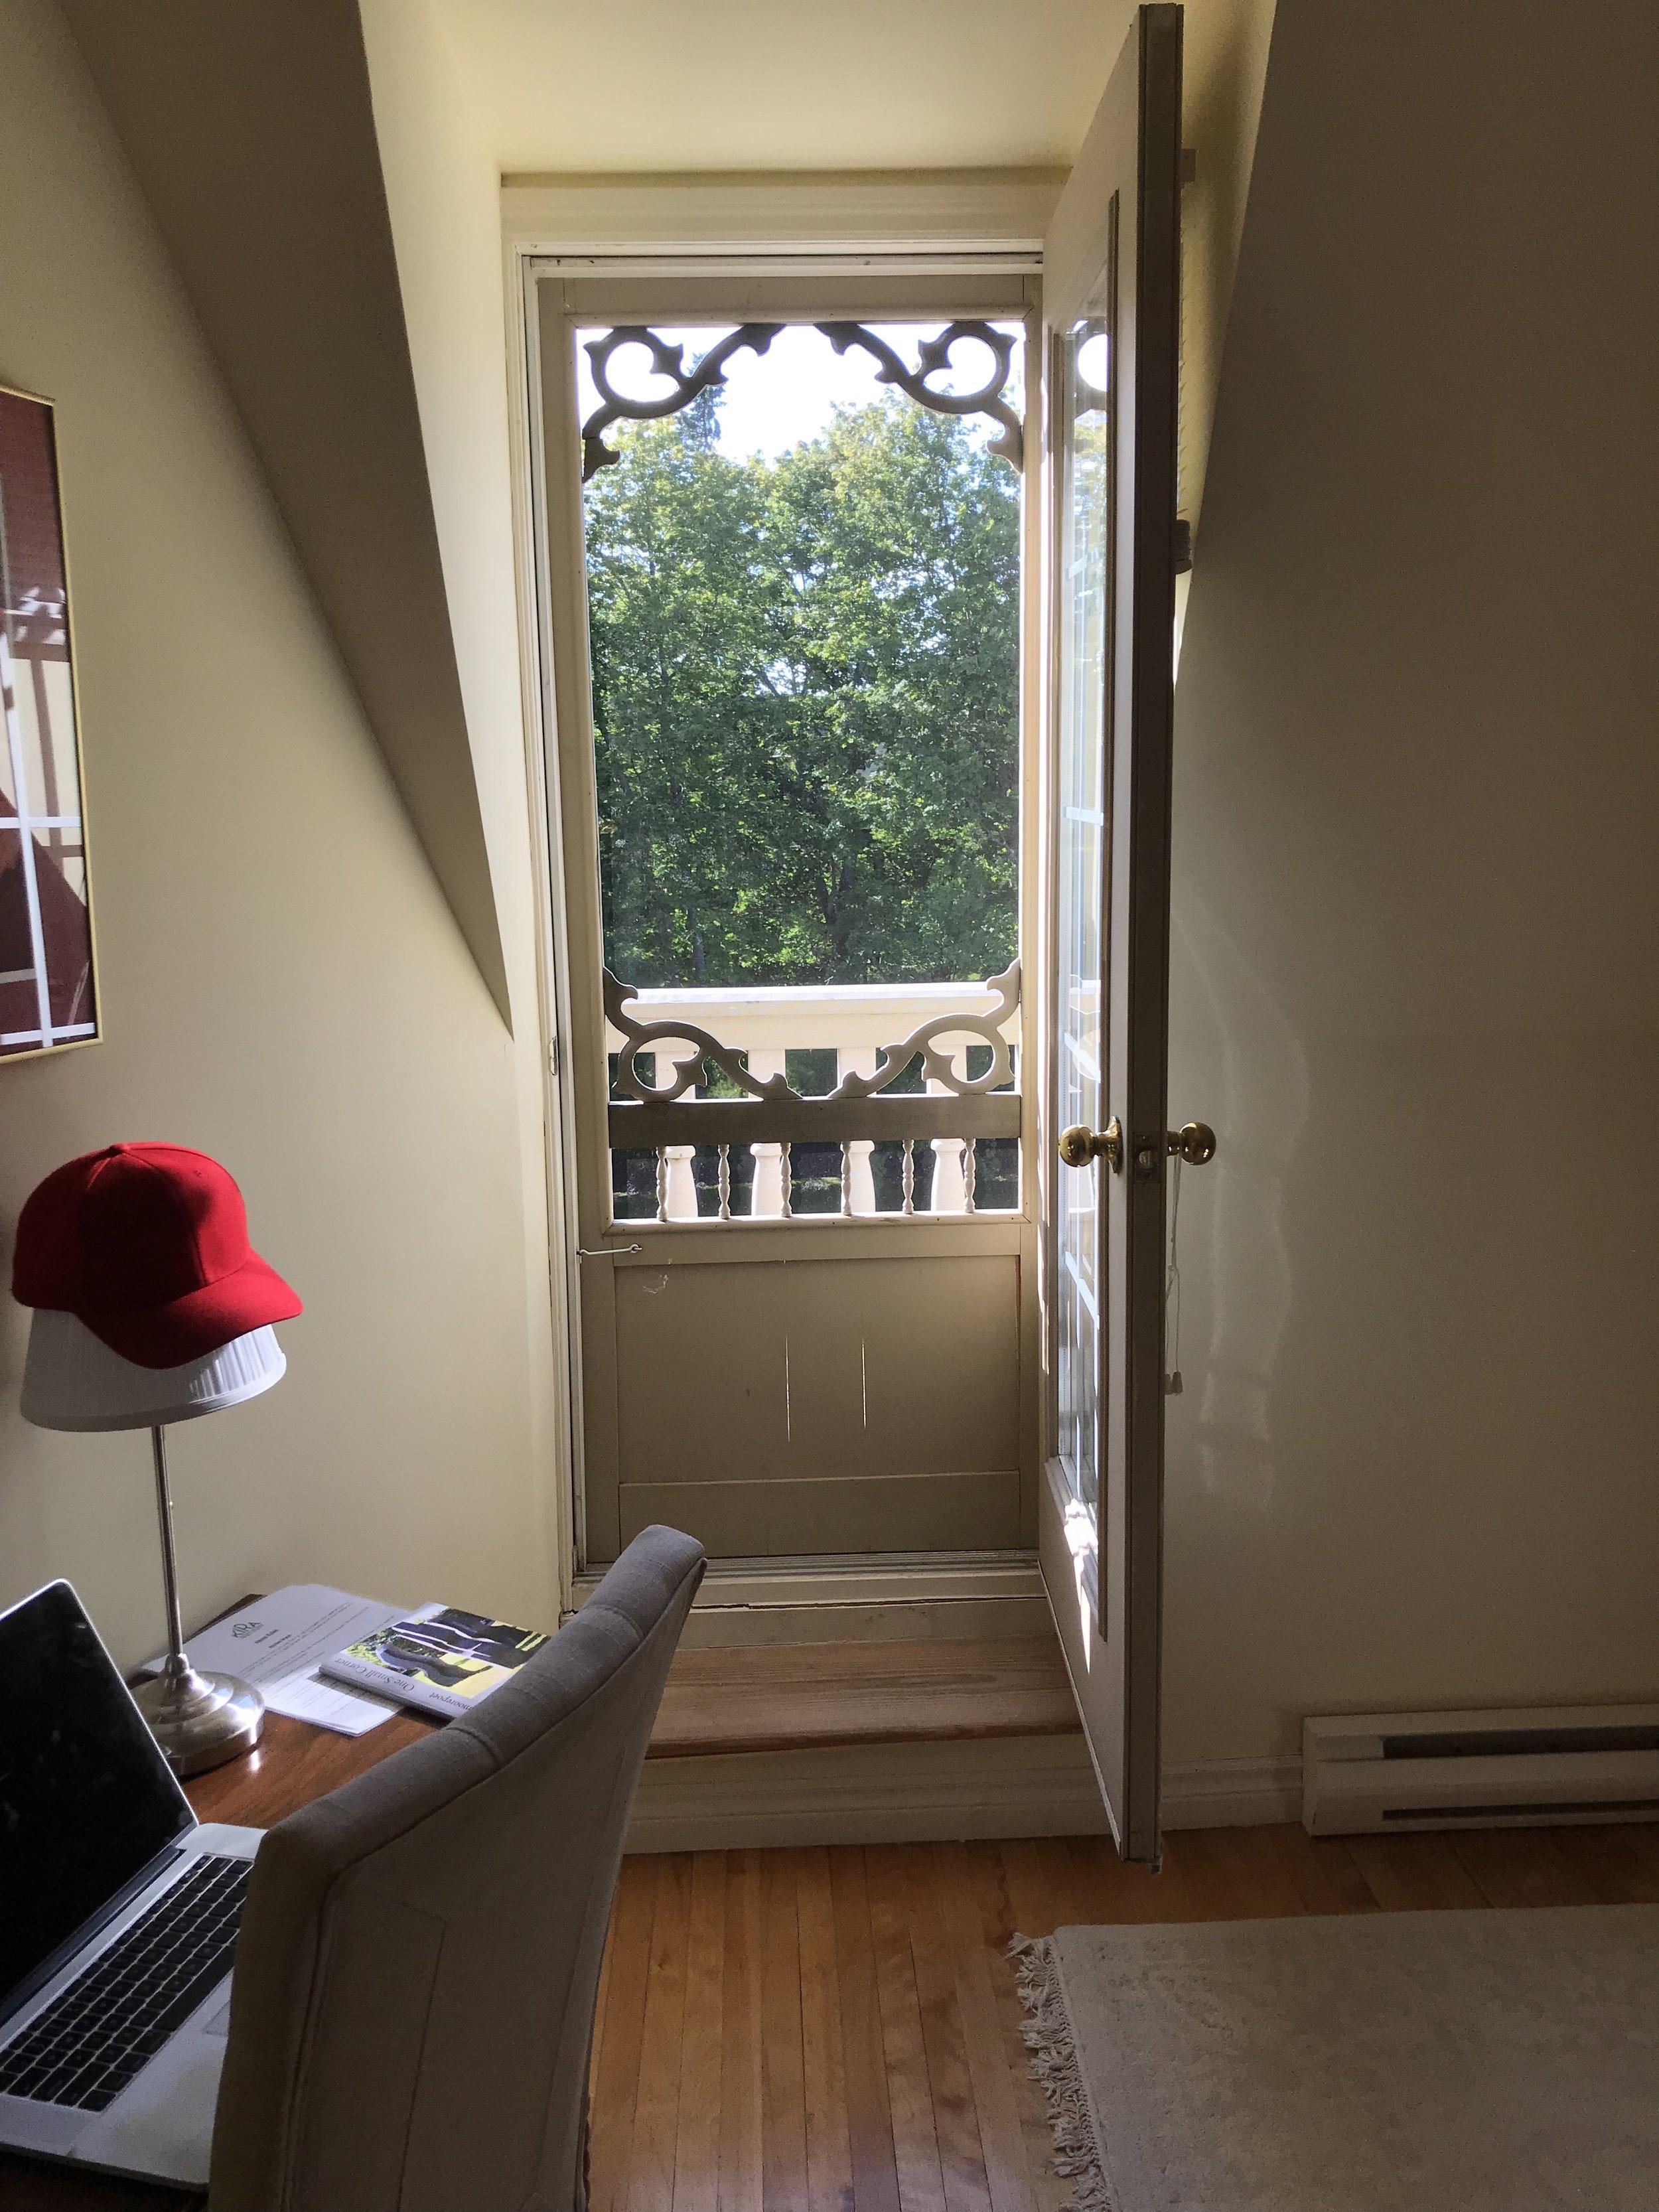 South facing patio door